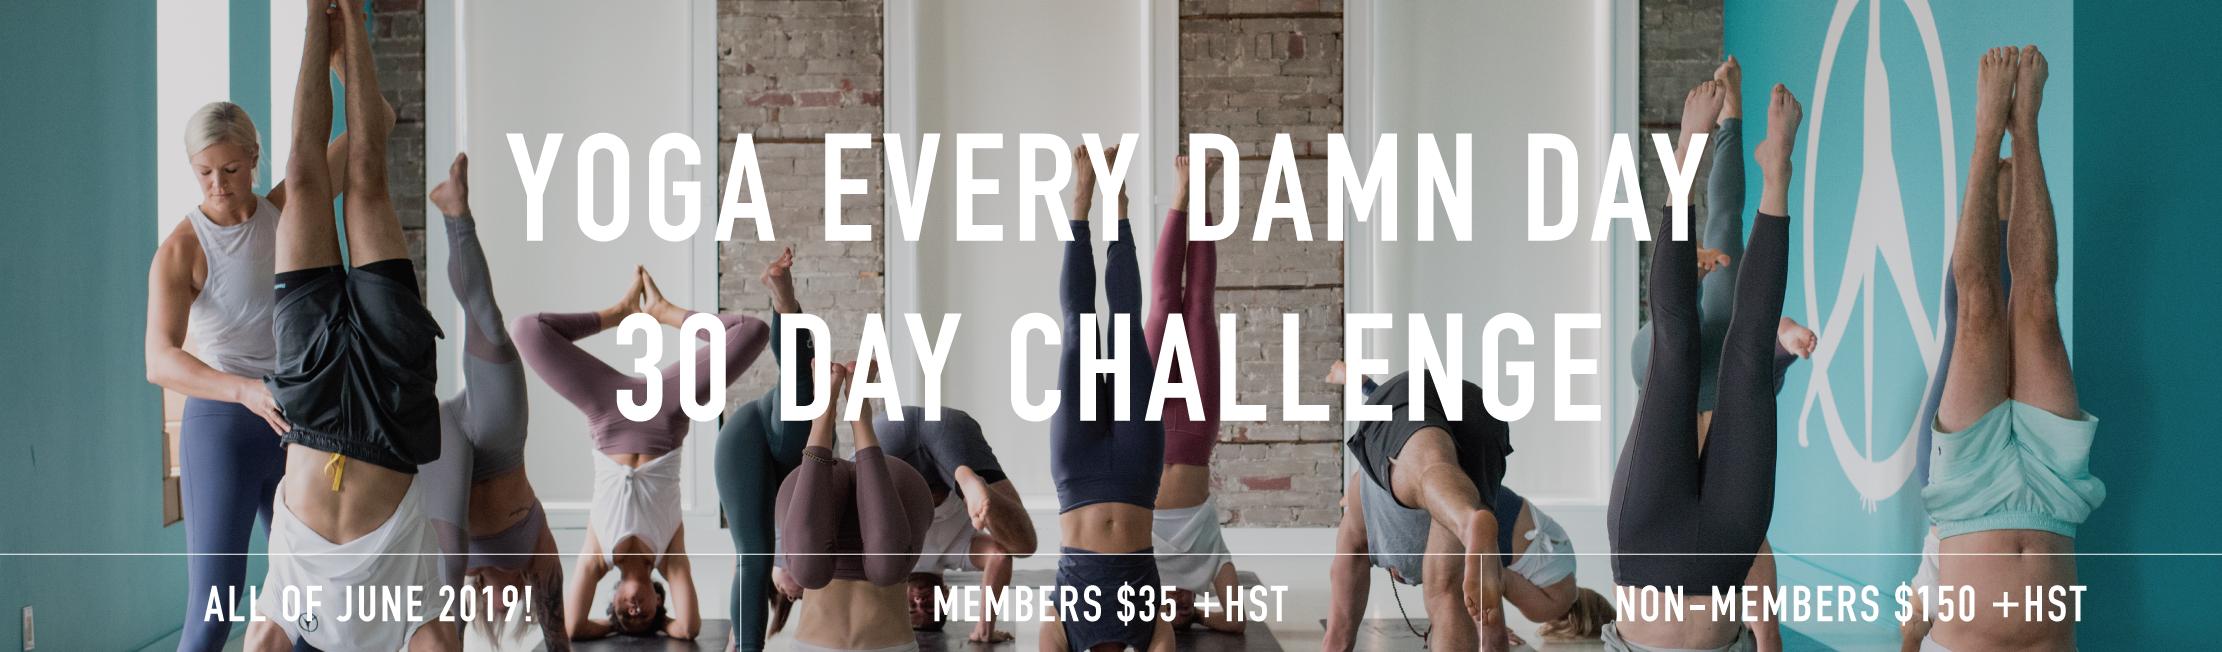 30day challenge banner